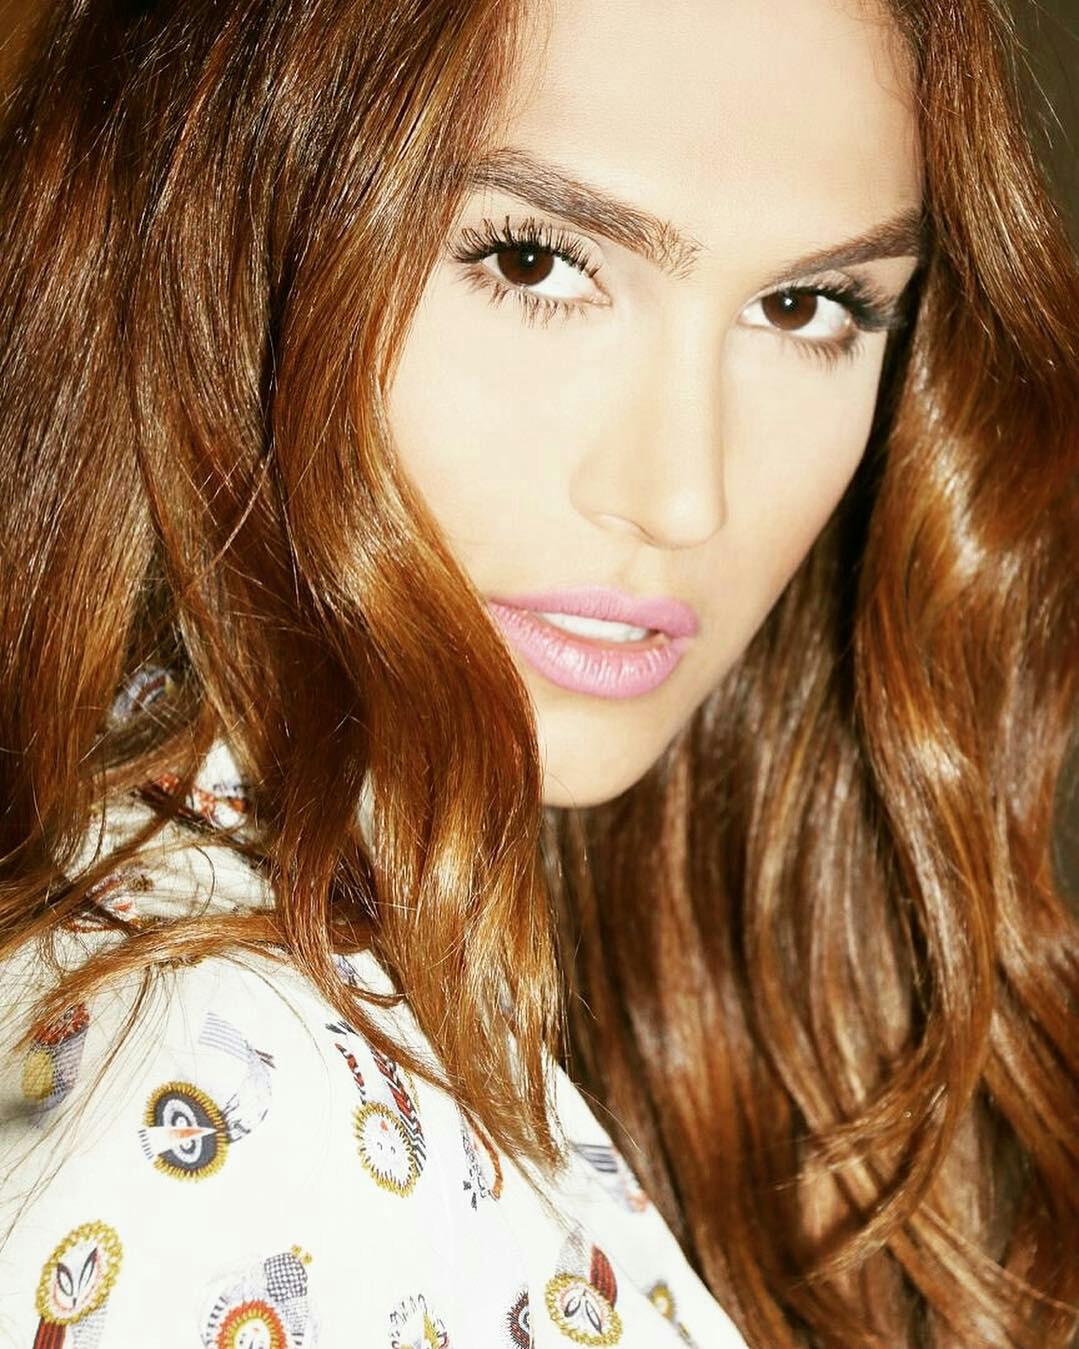 Isabella Santiago - Most Beautiful Venezuela Trangender